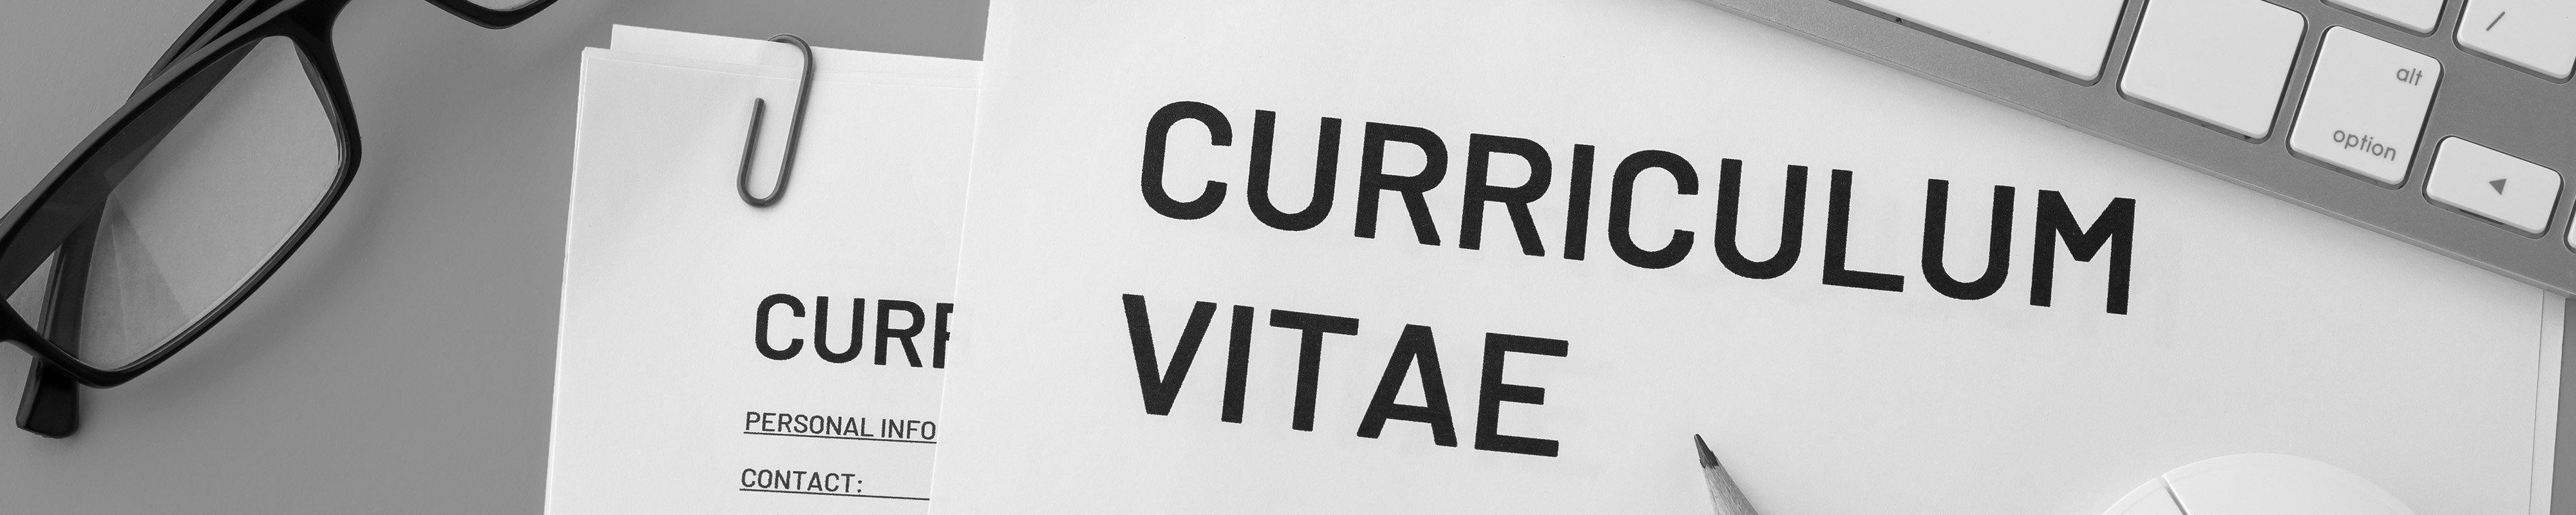 VV-How to create an eye catching cv 4000x800